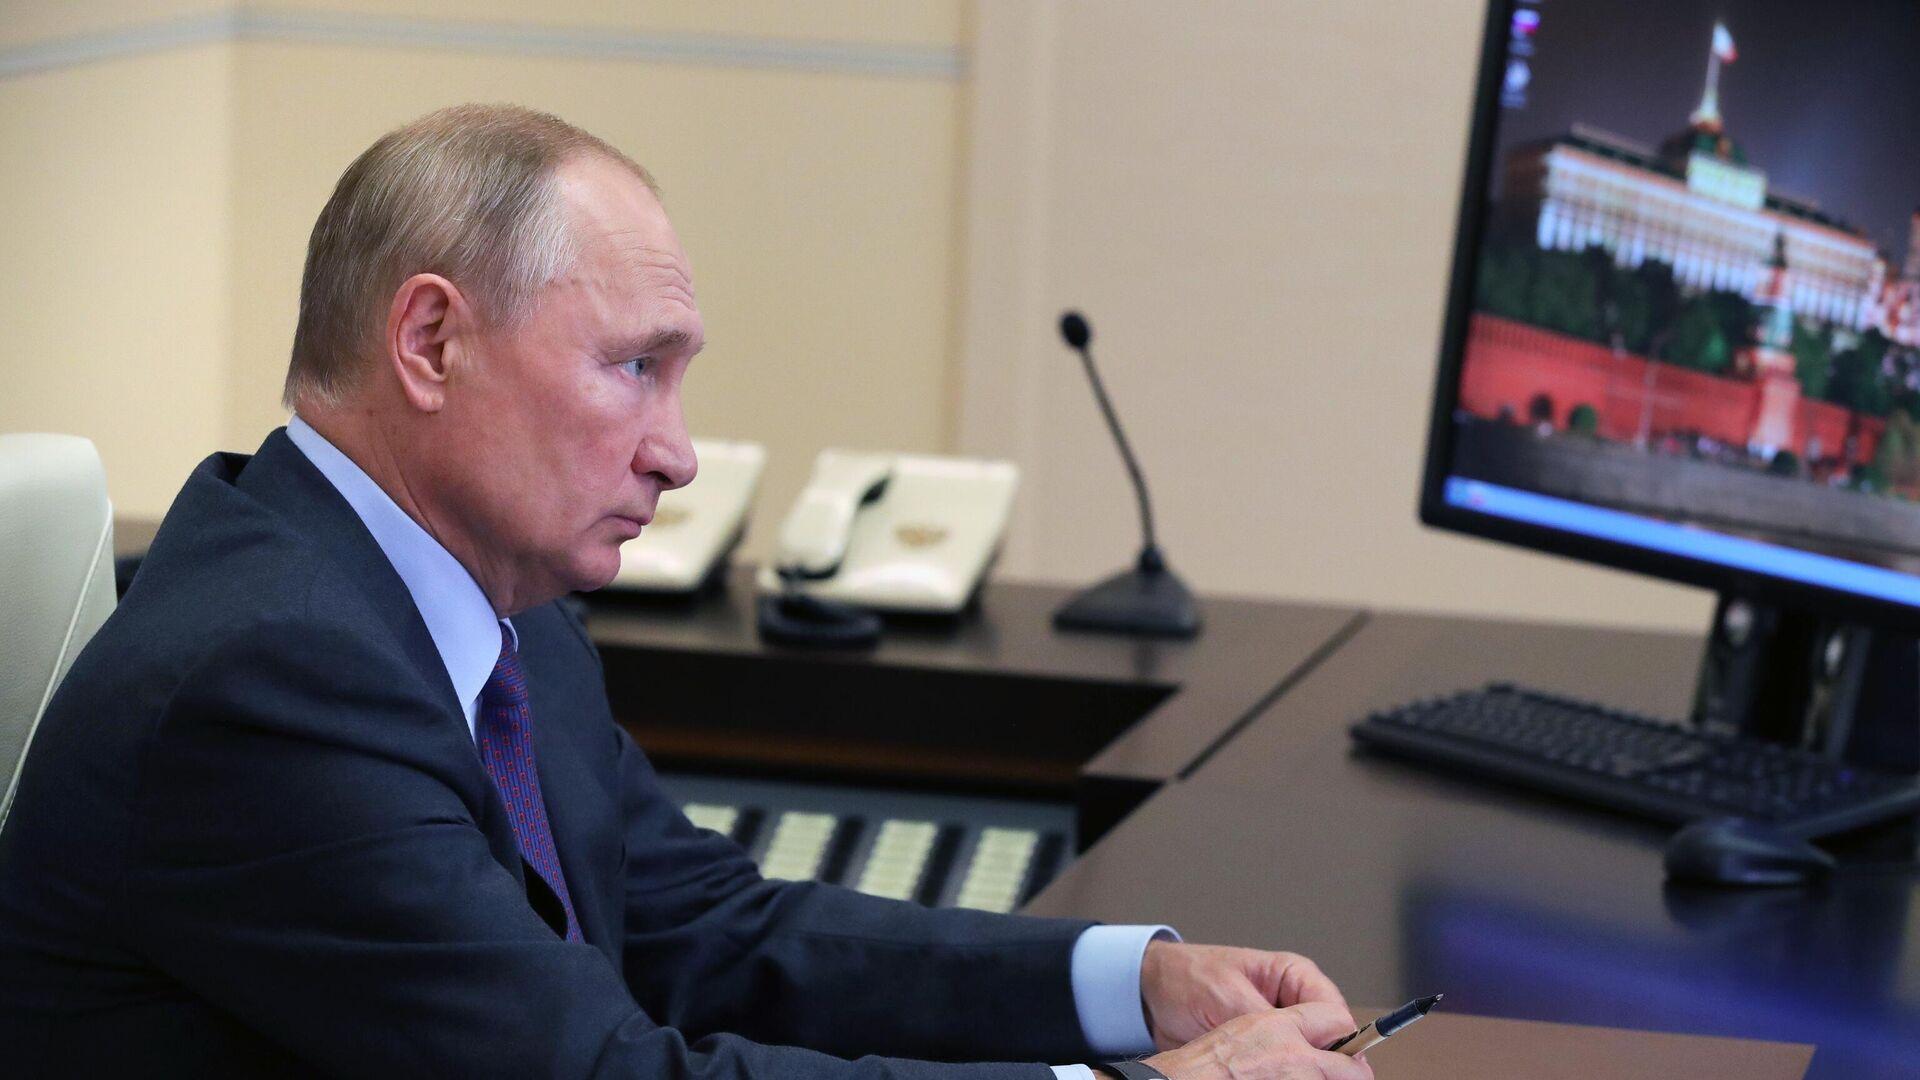 Президент РФ В. Путин провел совещание с членами правительства РФ - РИА Новости, 1920, 09.09.2020